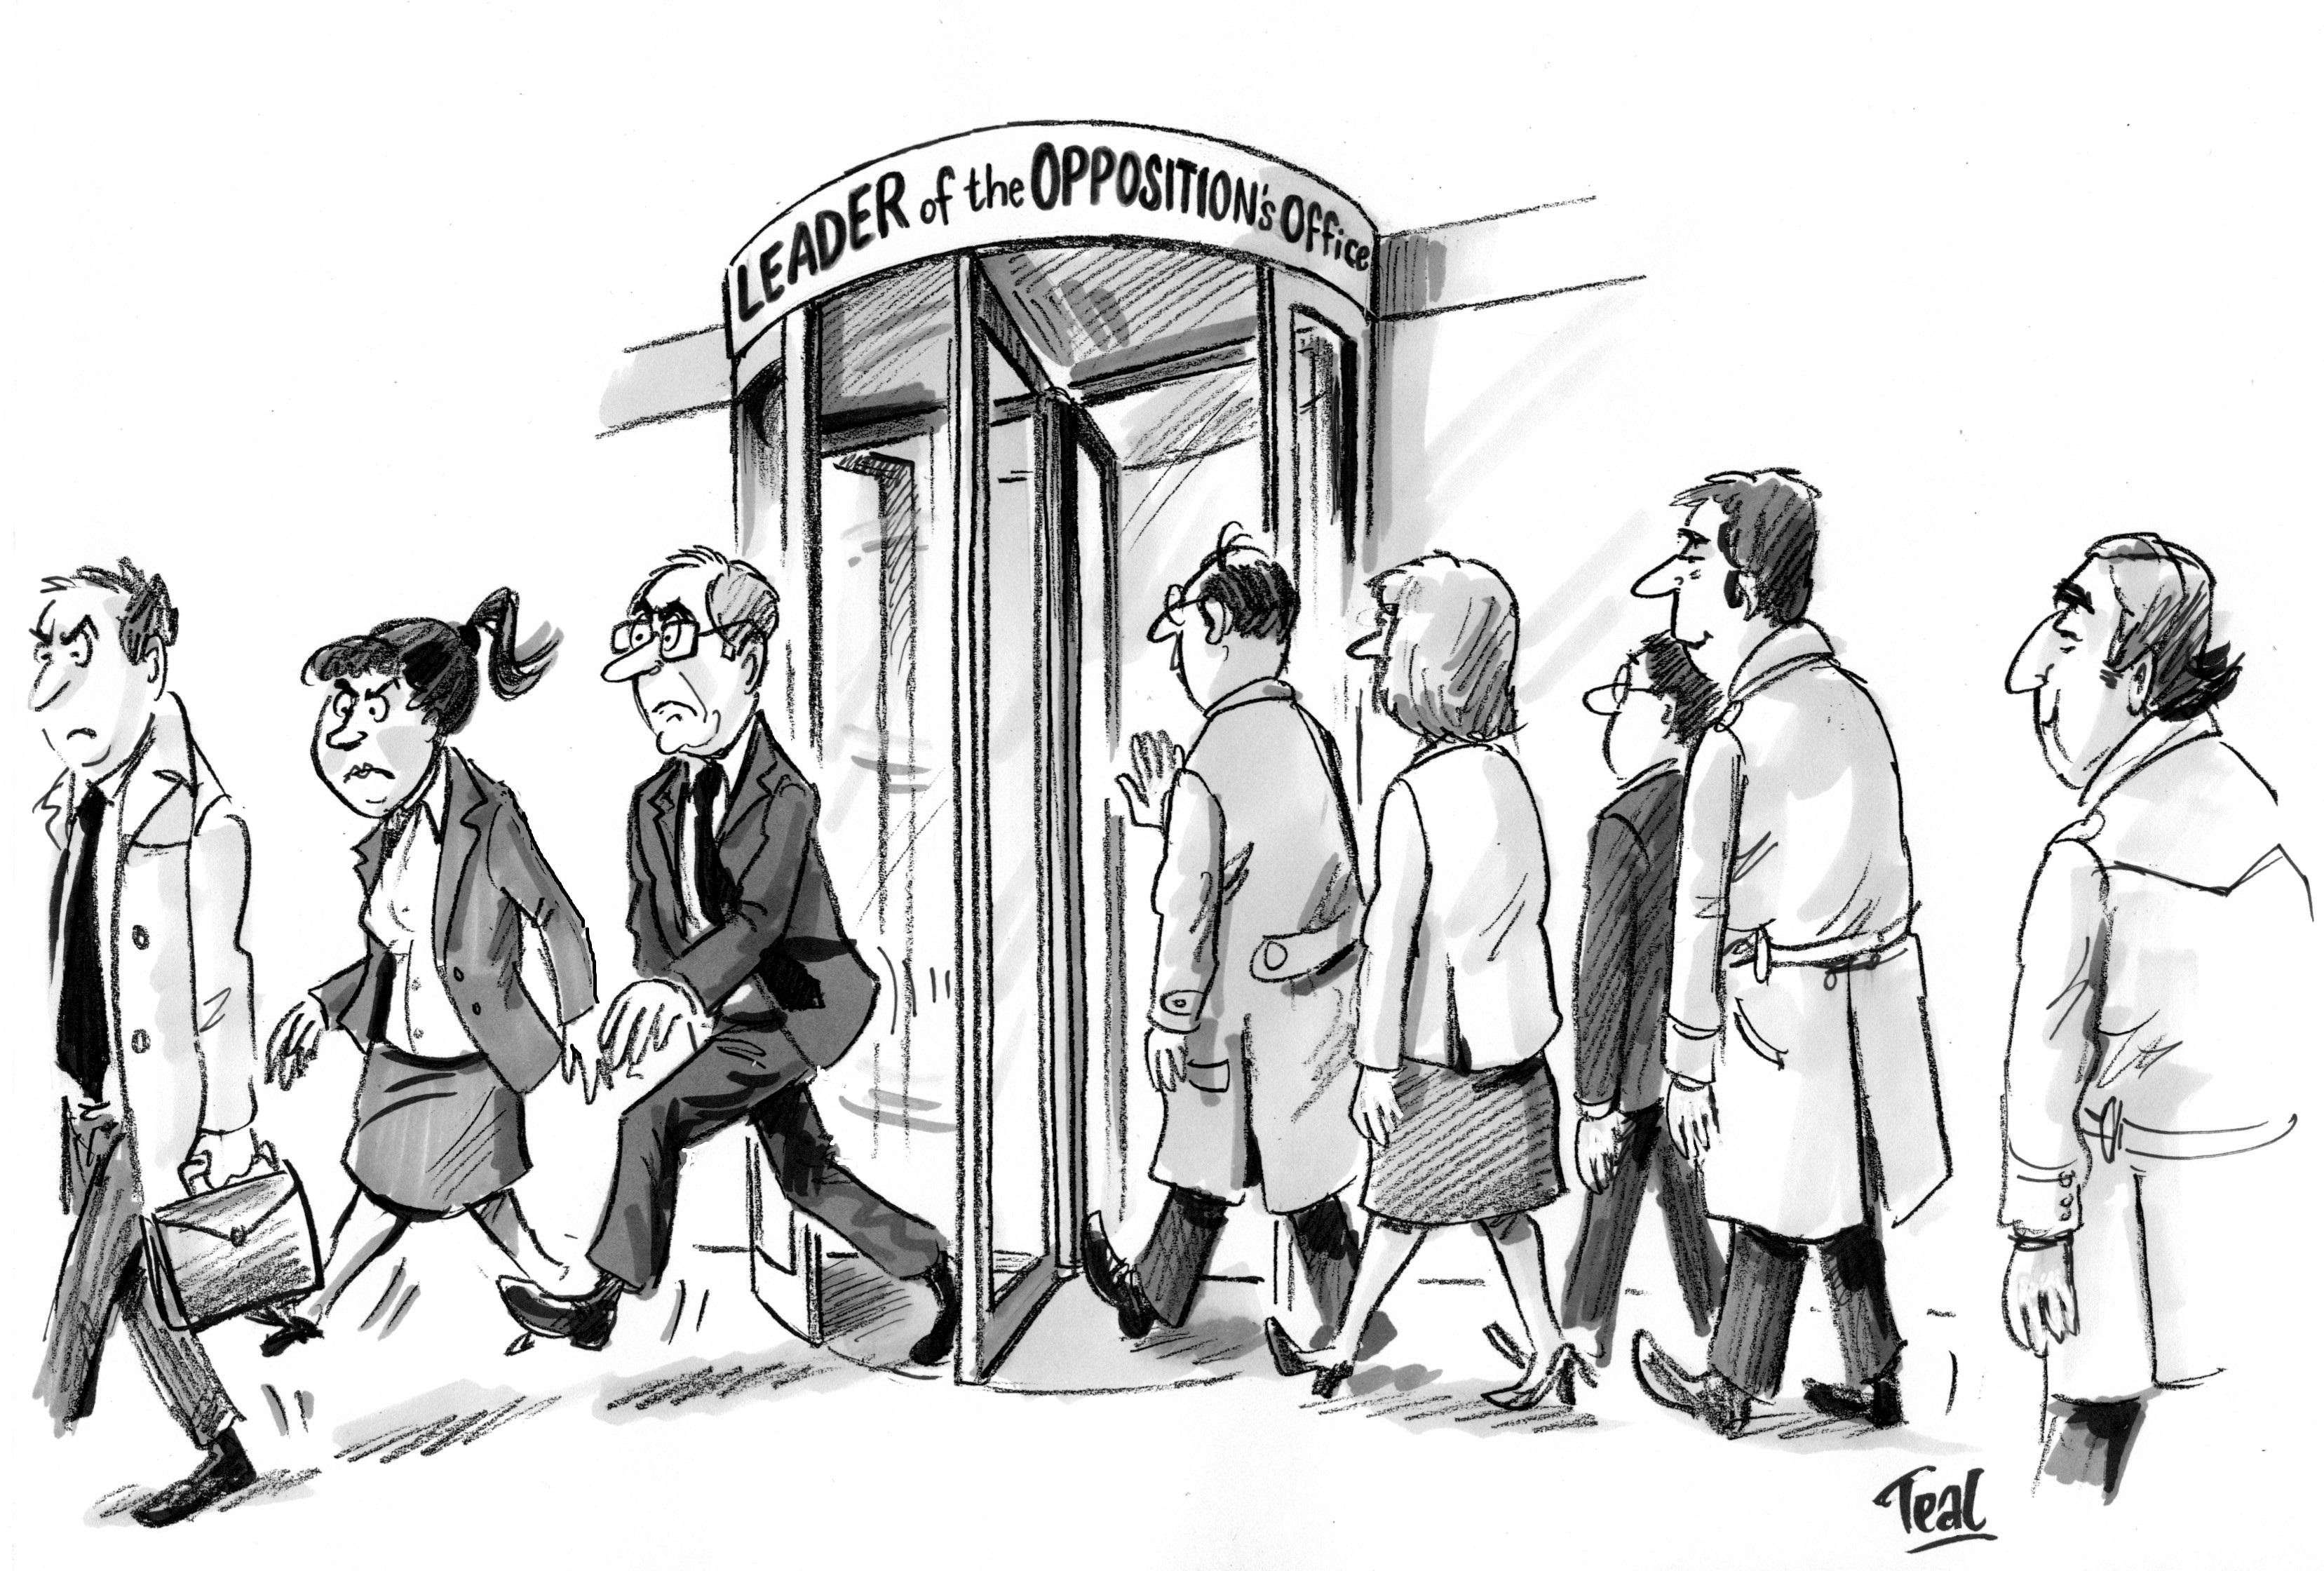 Permanent revolution of the office door